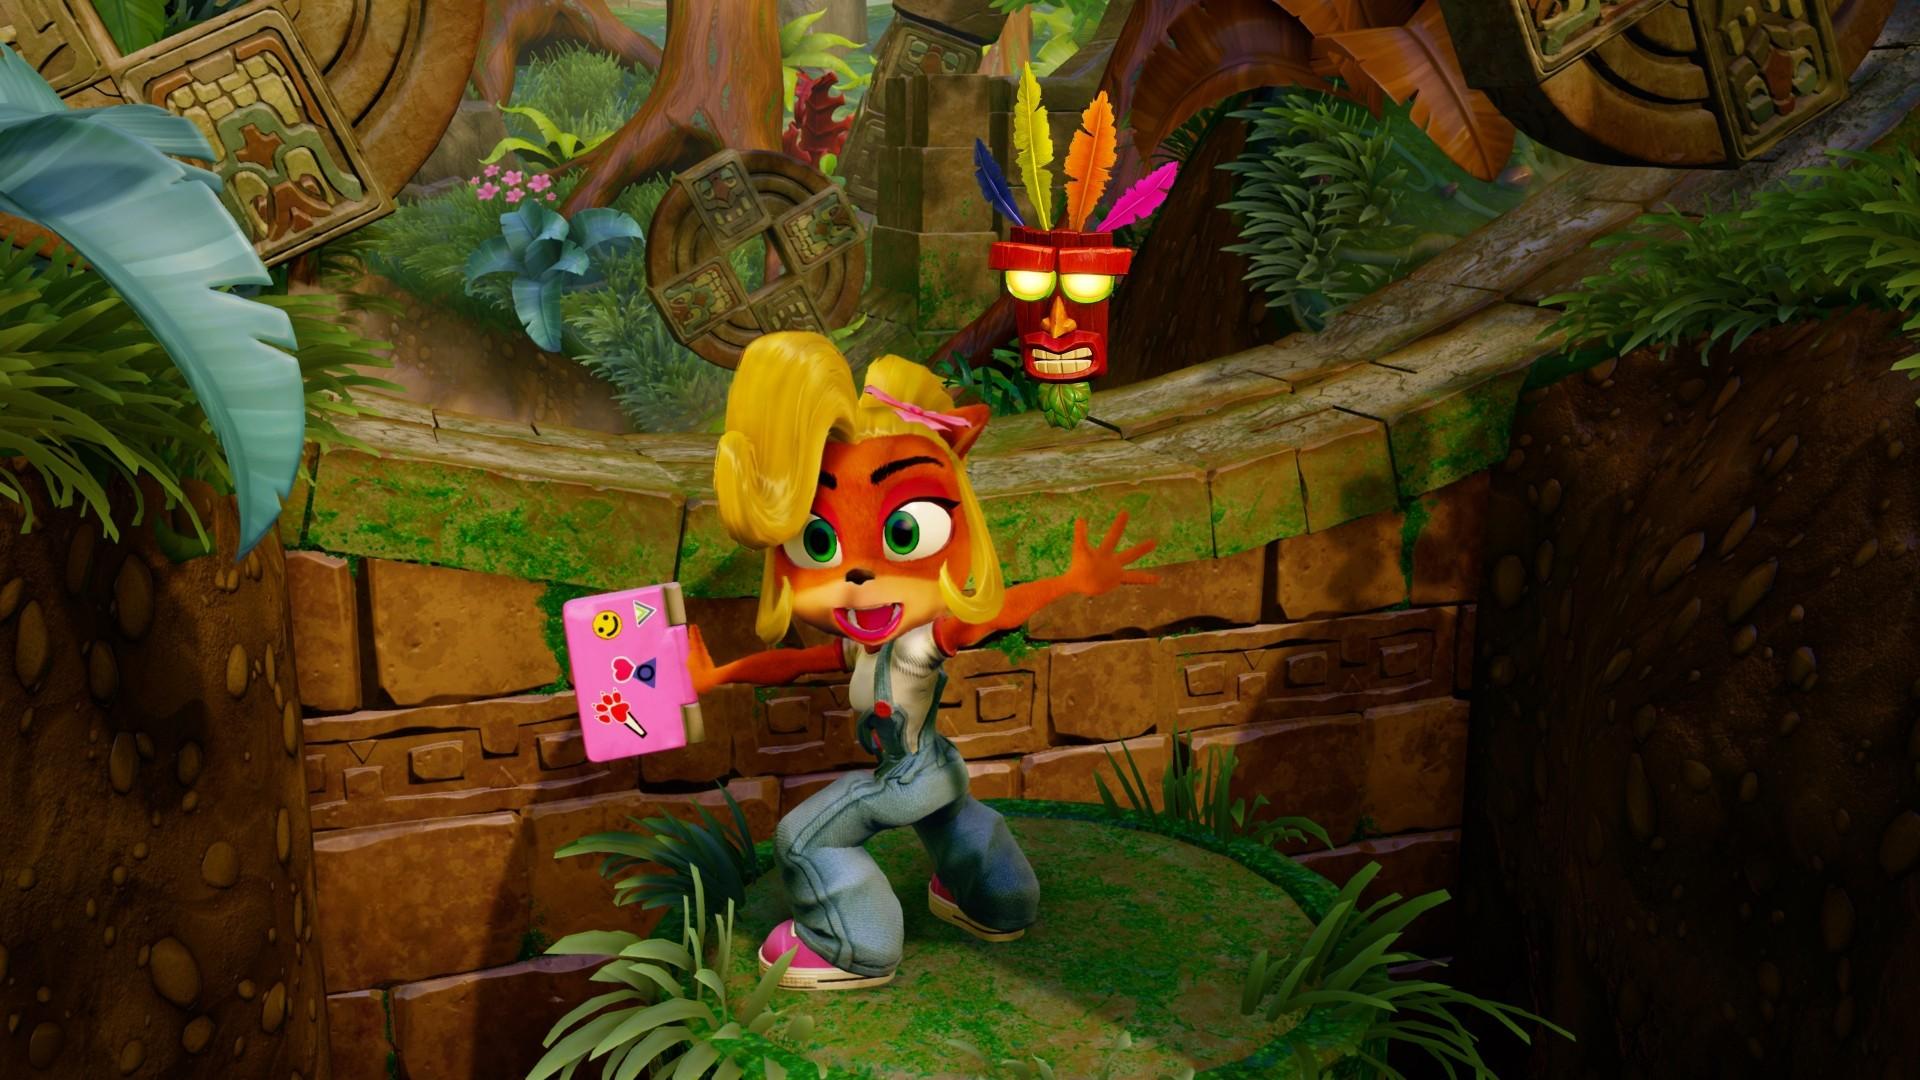 Crash Bandicoot hd desktop wallpaper